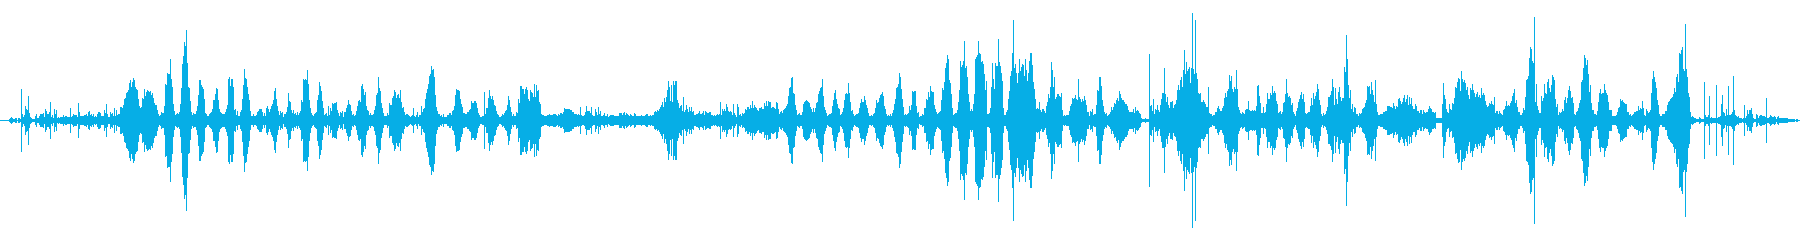 コンスタントランダウンヒル、ロング...の再生済みの波形